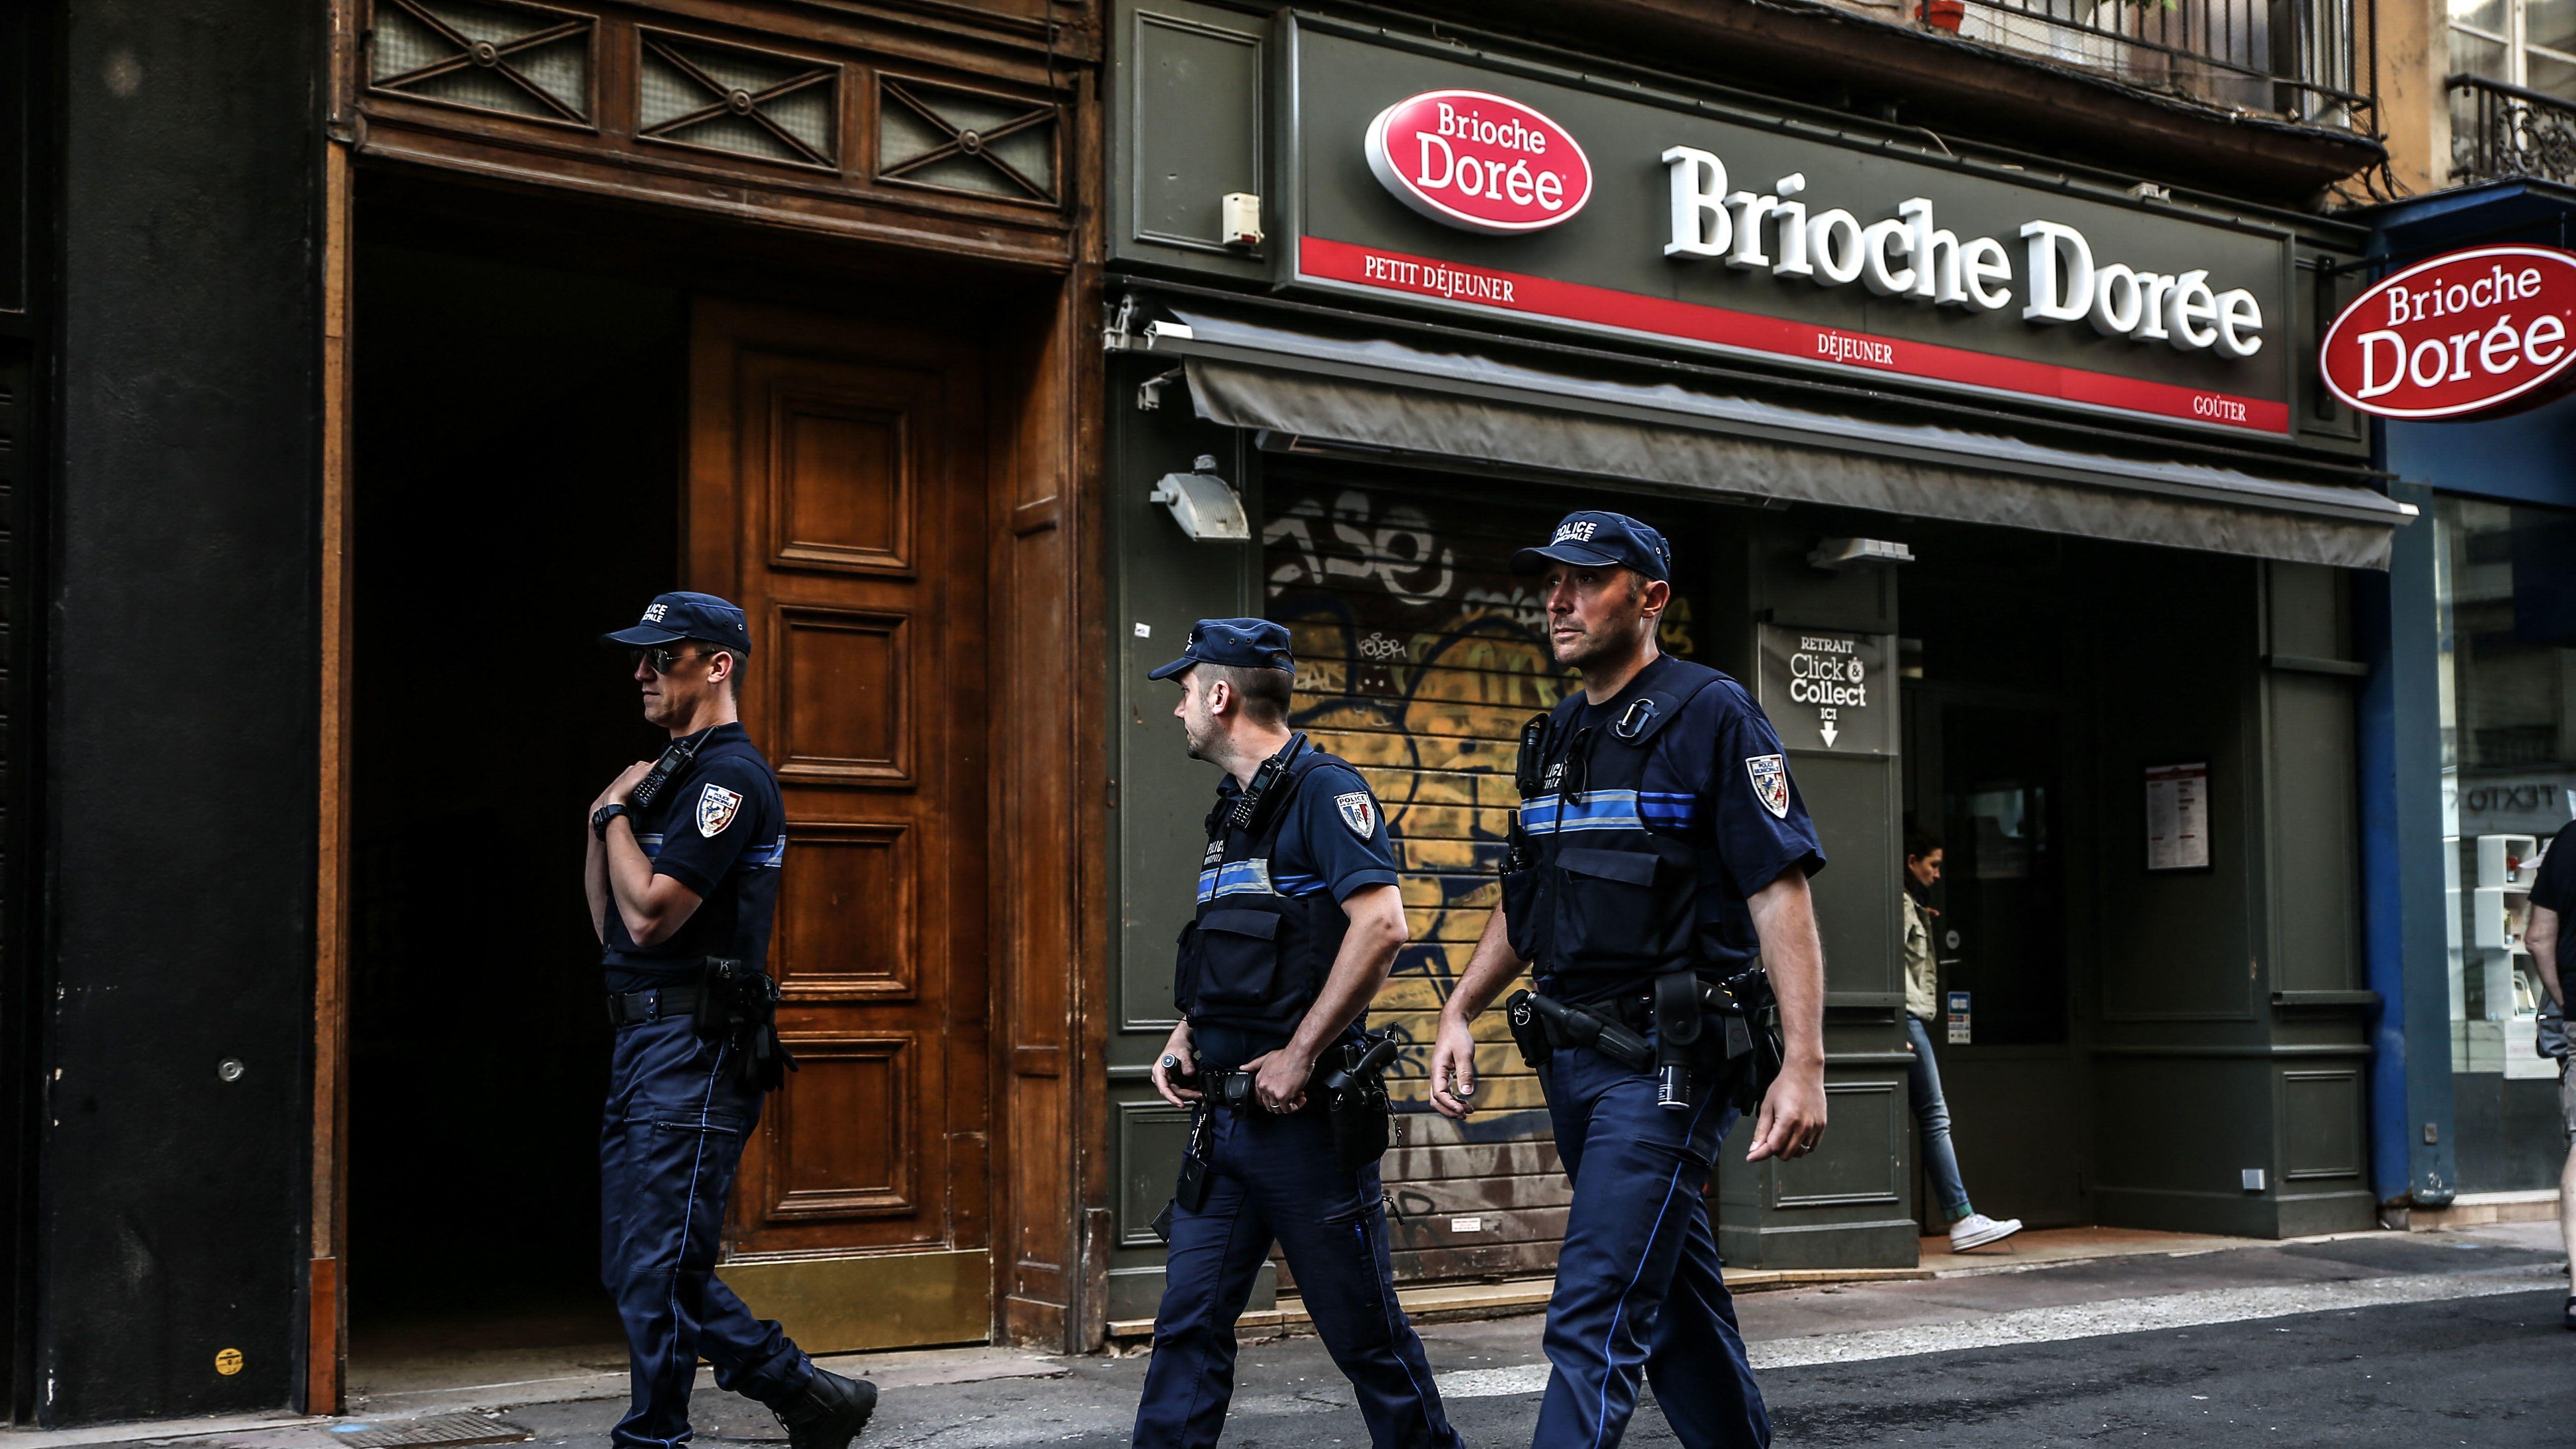 Nach Bombenattentat in Lyon: Mutmaßlicher Täter bekennt sich zum Islamischen Staat